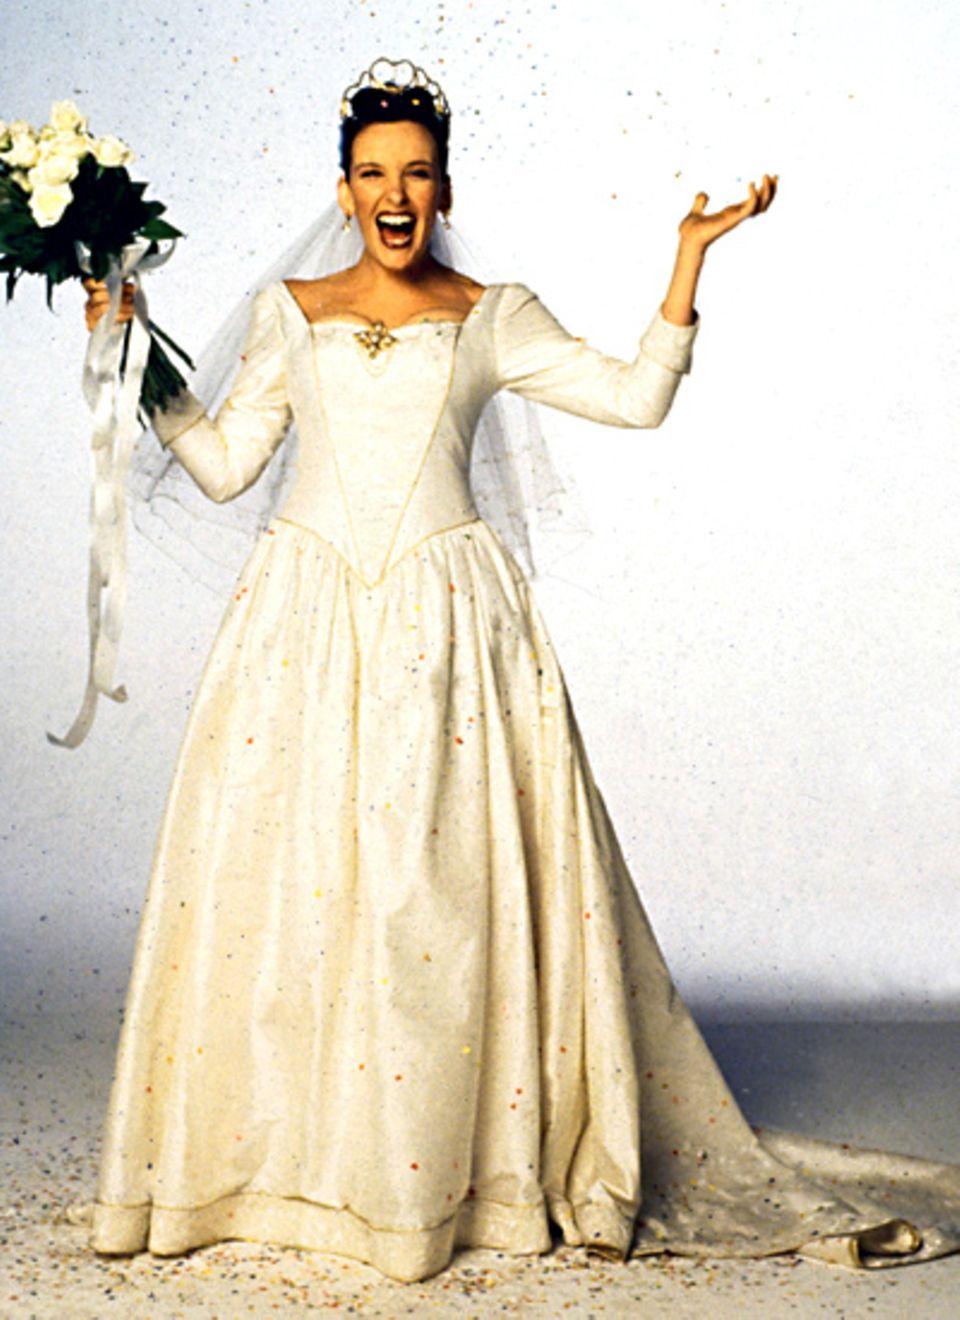 """Toni Collettes Kleid in """"Muriels Hochzeit"""" (1994) hat königliche Anklänge."""